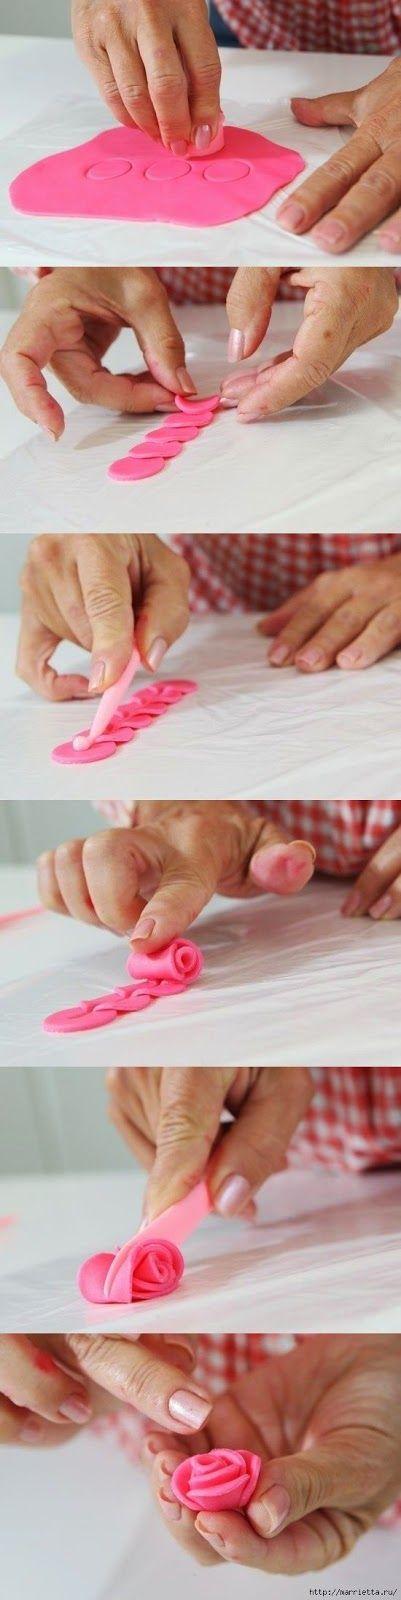 Adesivo Para Azulejo De Cozinha Pastilha ~ 18 Sugestões de Artesanatos Fáceis para Iniciantes